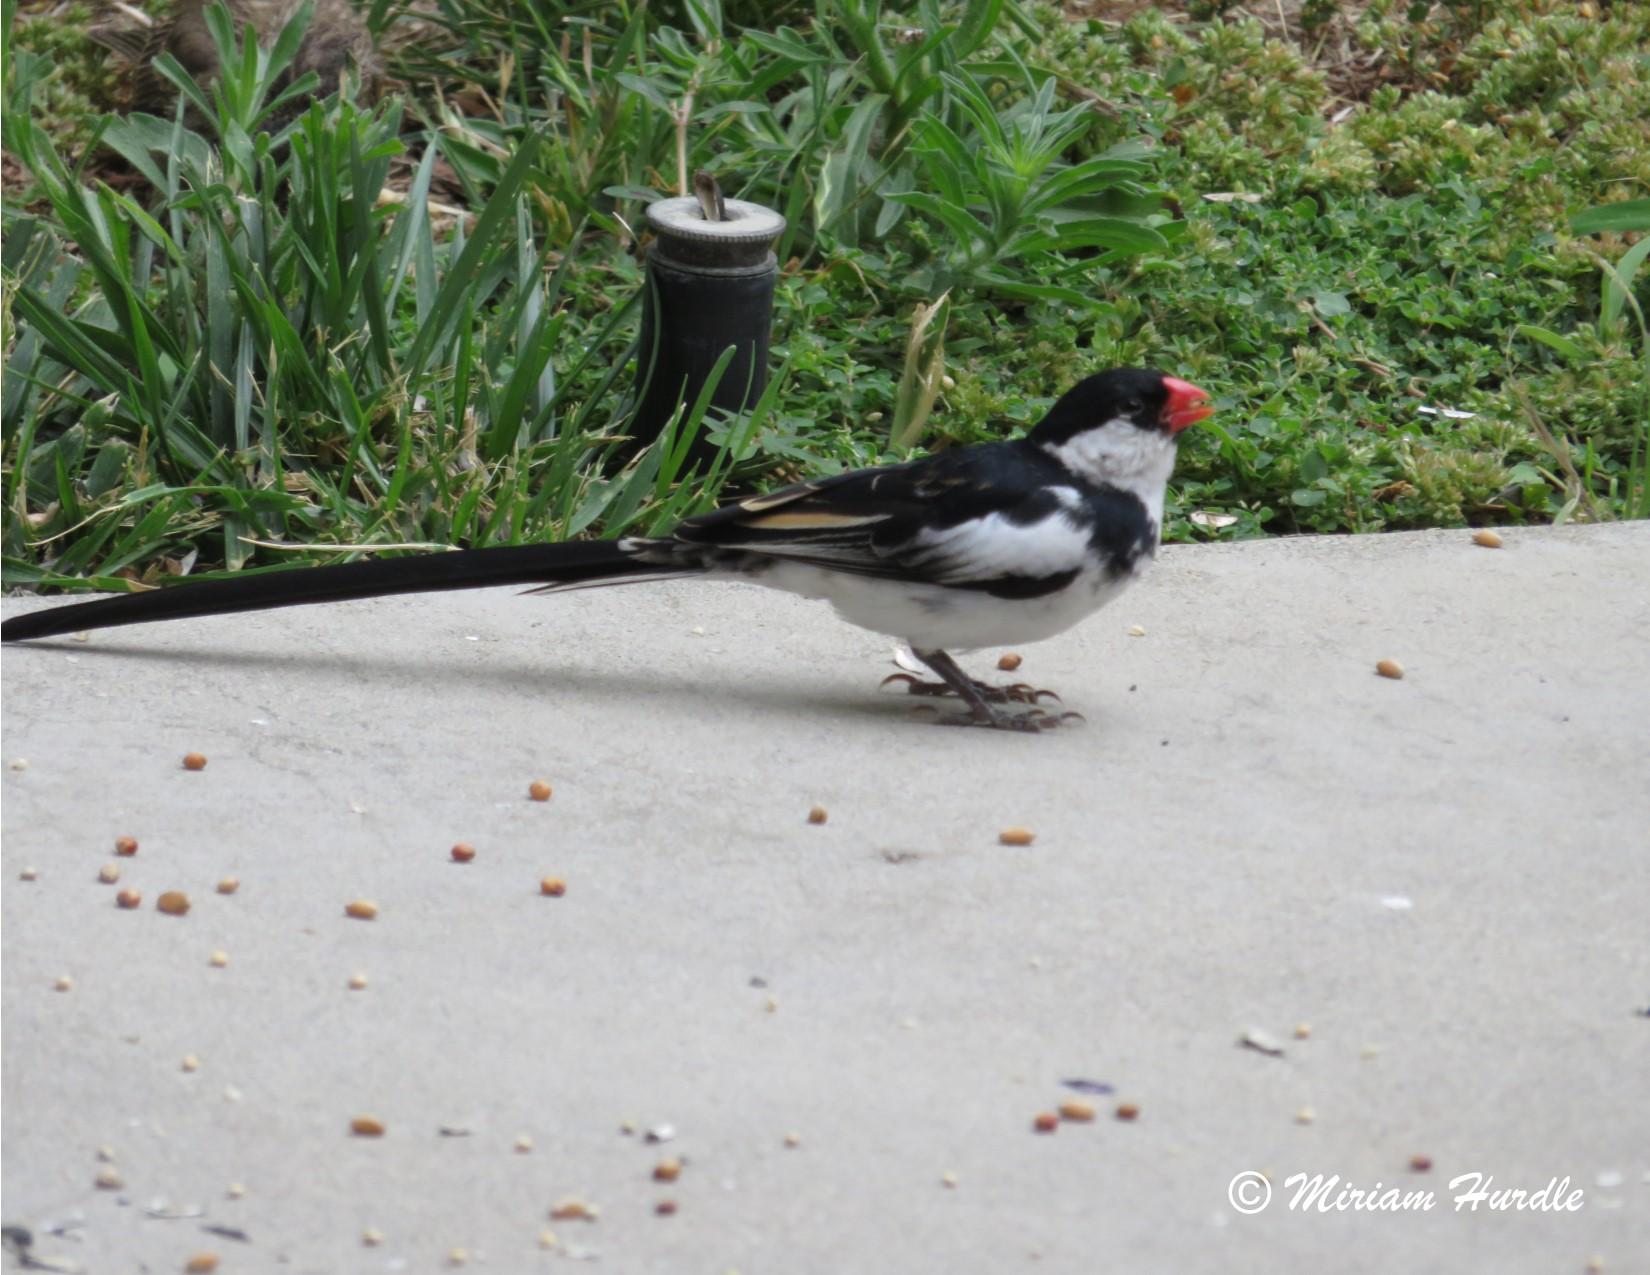 Whyhad bird 4